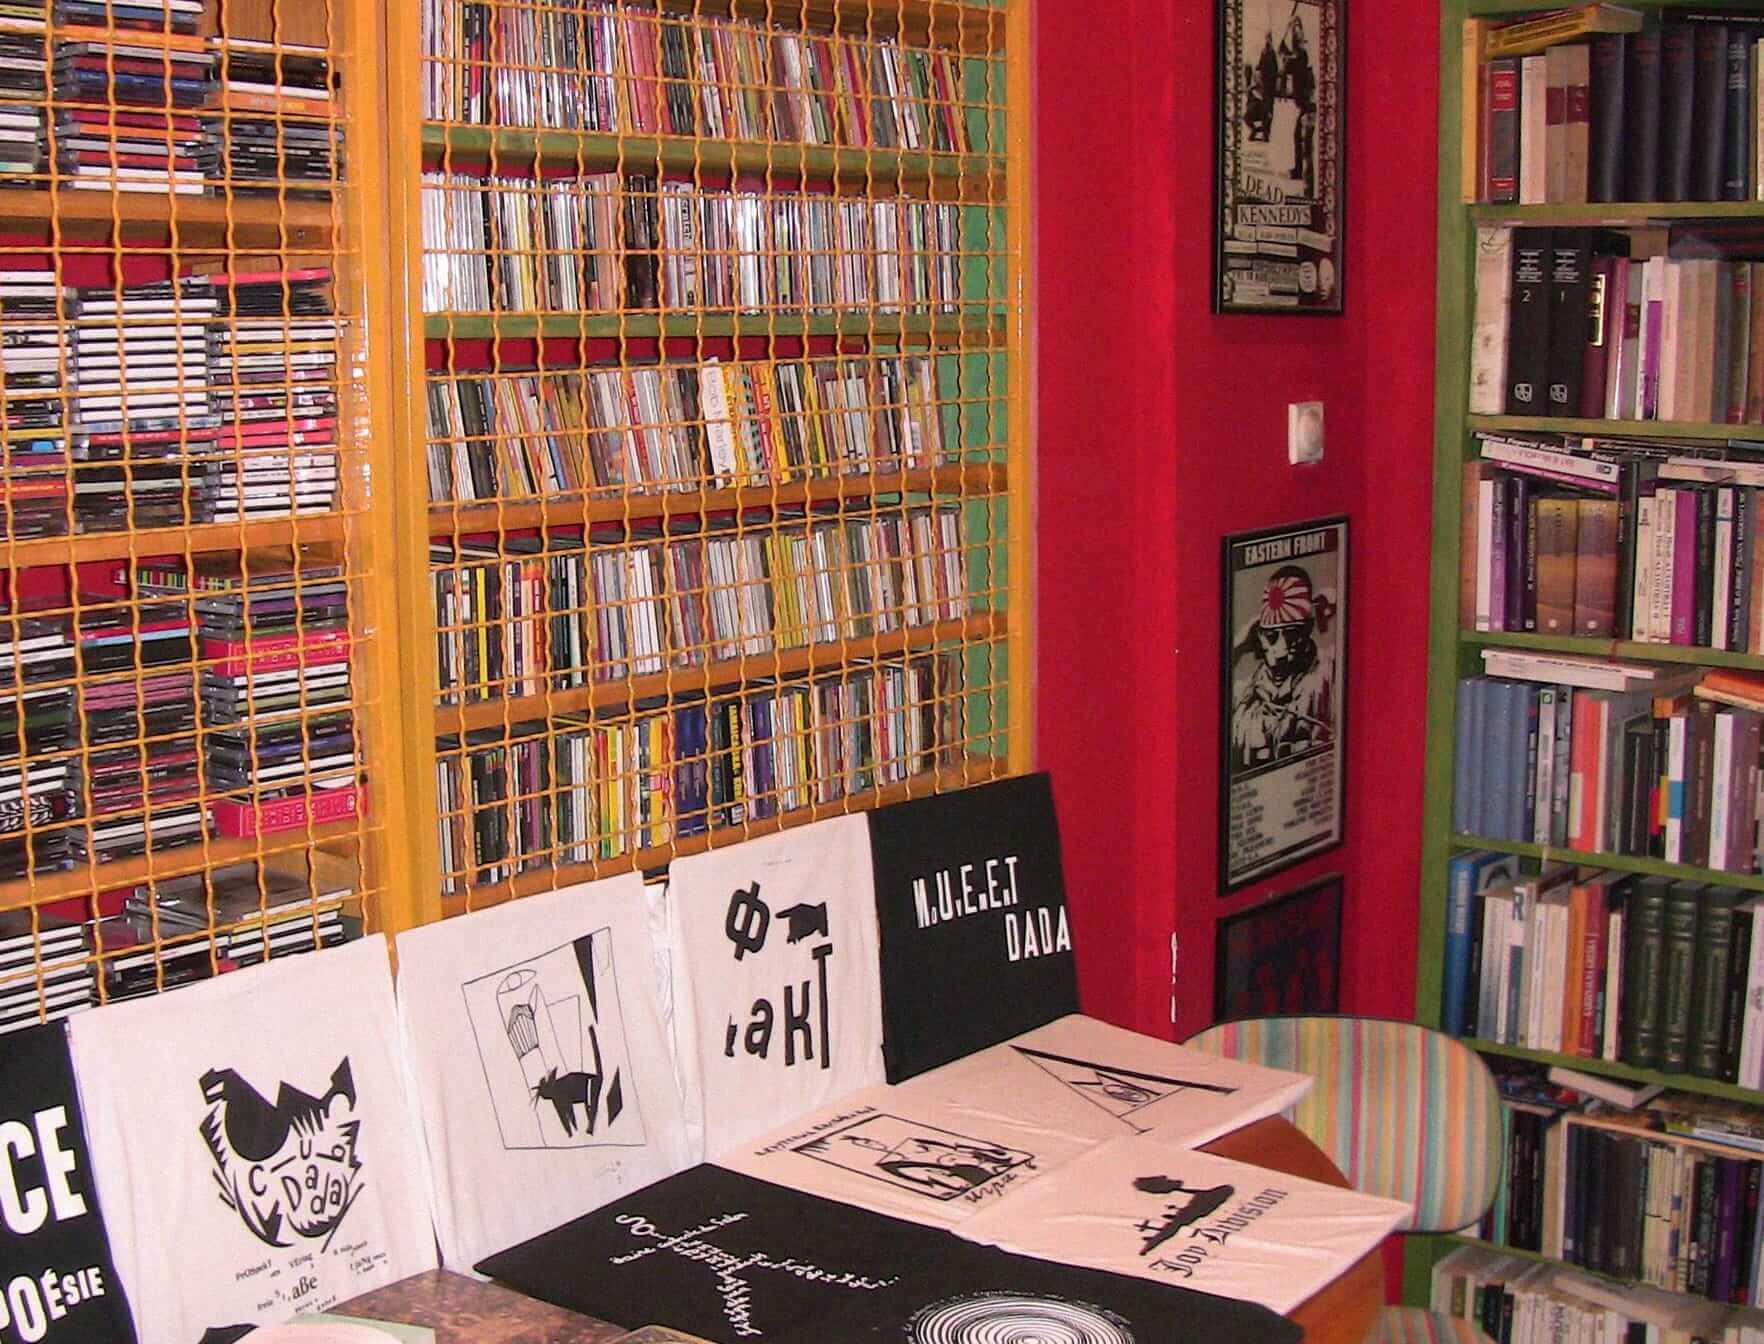 Книжный магазин Utopia, Сербия, Белград. Источник: fb.com/utopiabelgrade